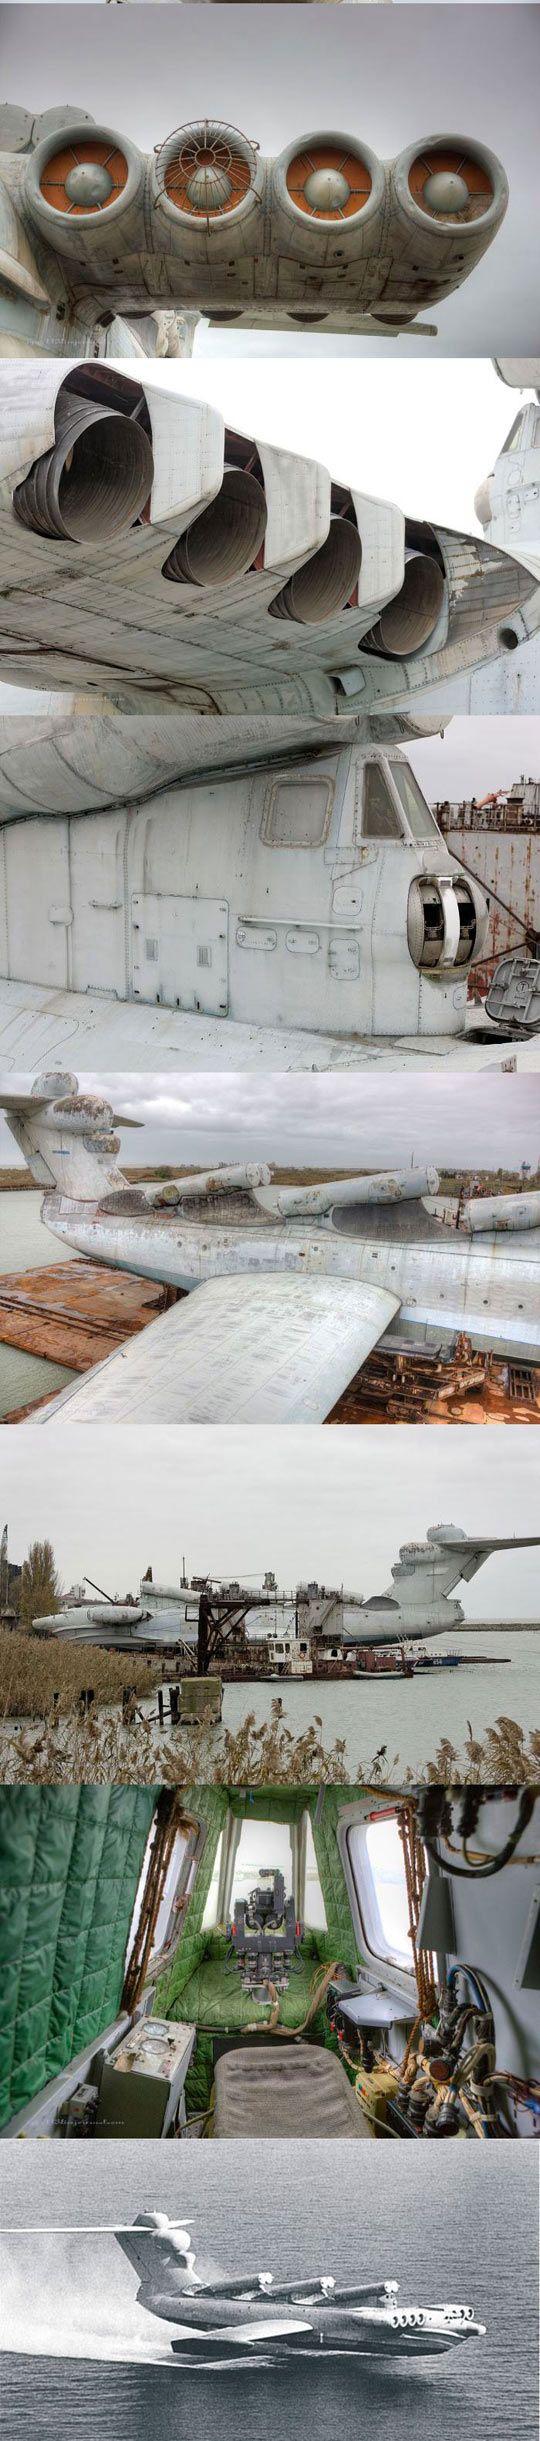 Ekranoplan casspian the russian tank ship plane not exactly a plane but still